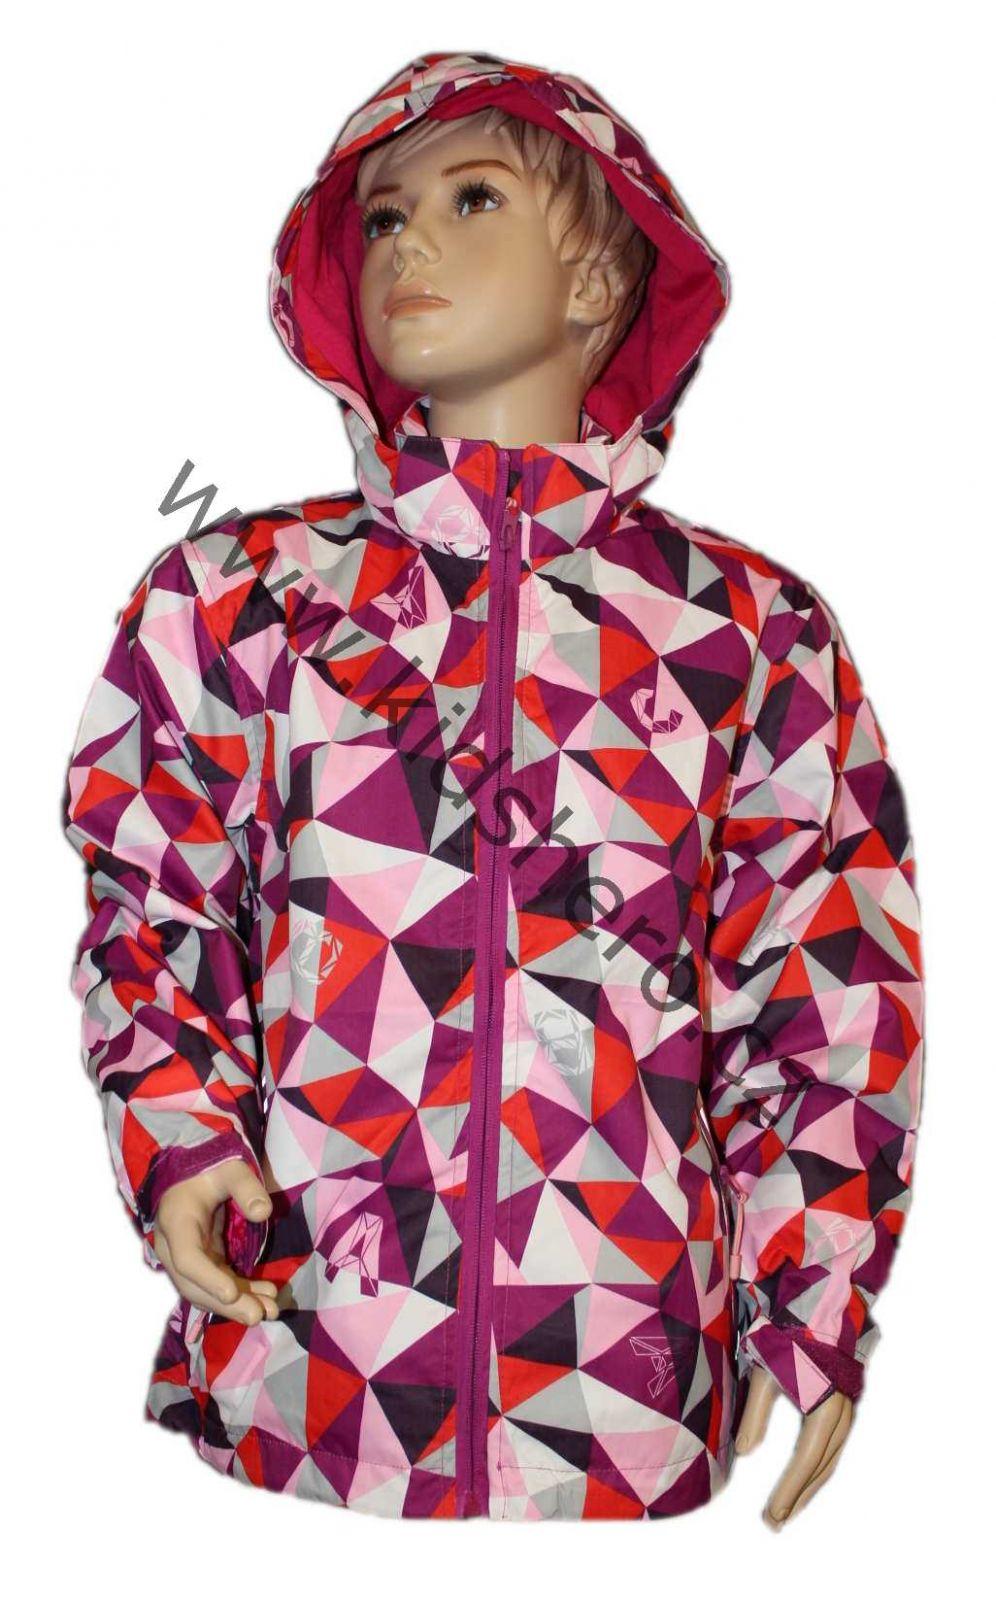 Dětská šusťáková bunda KUGO, nepromokavá dětská bunda